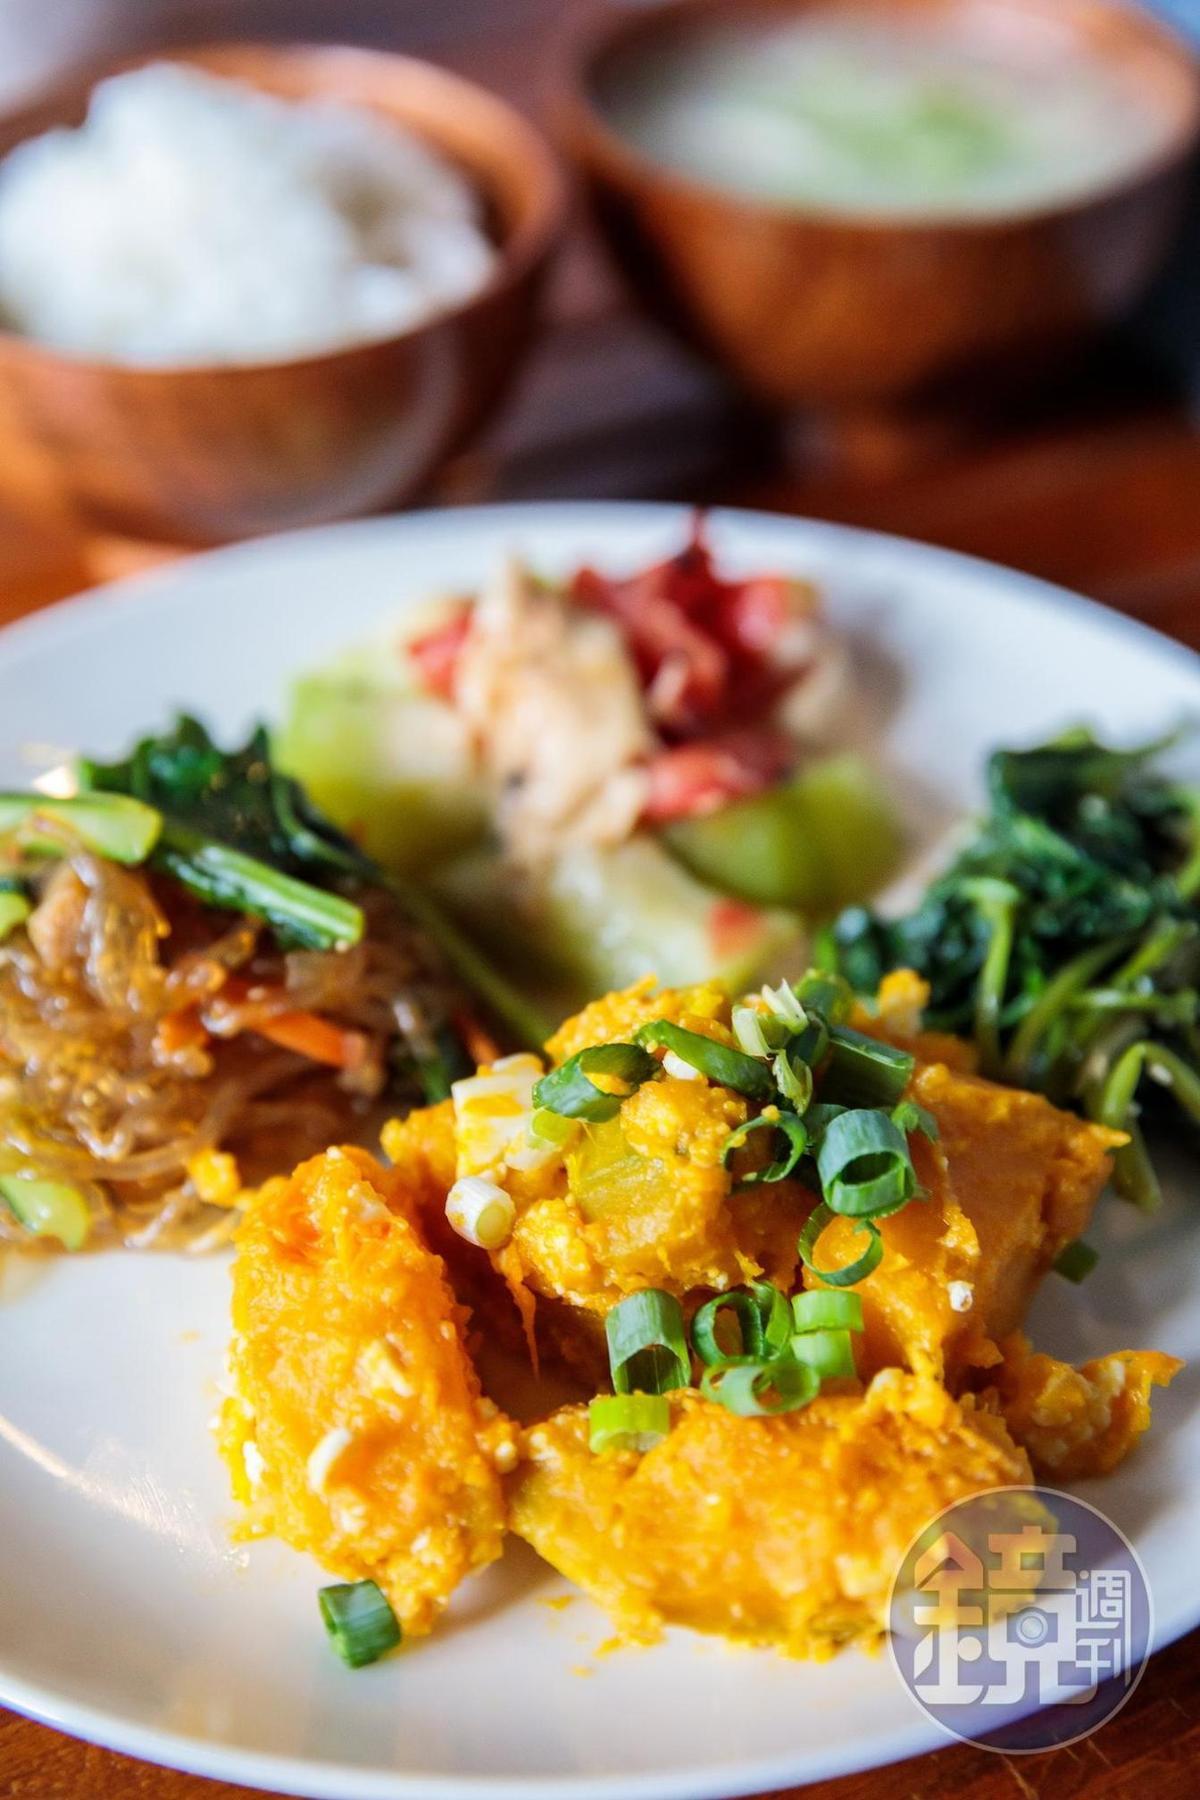 蔬食料理全用在地食材,滋味簡單卻非常美味,平日提供多為飯糰料理。